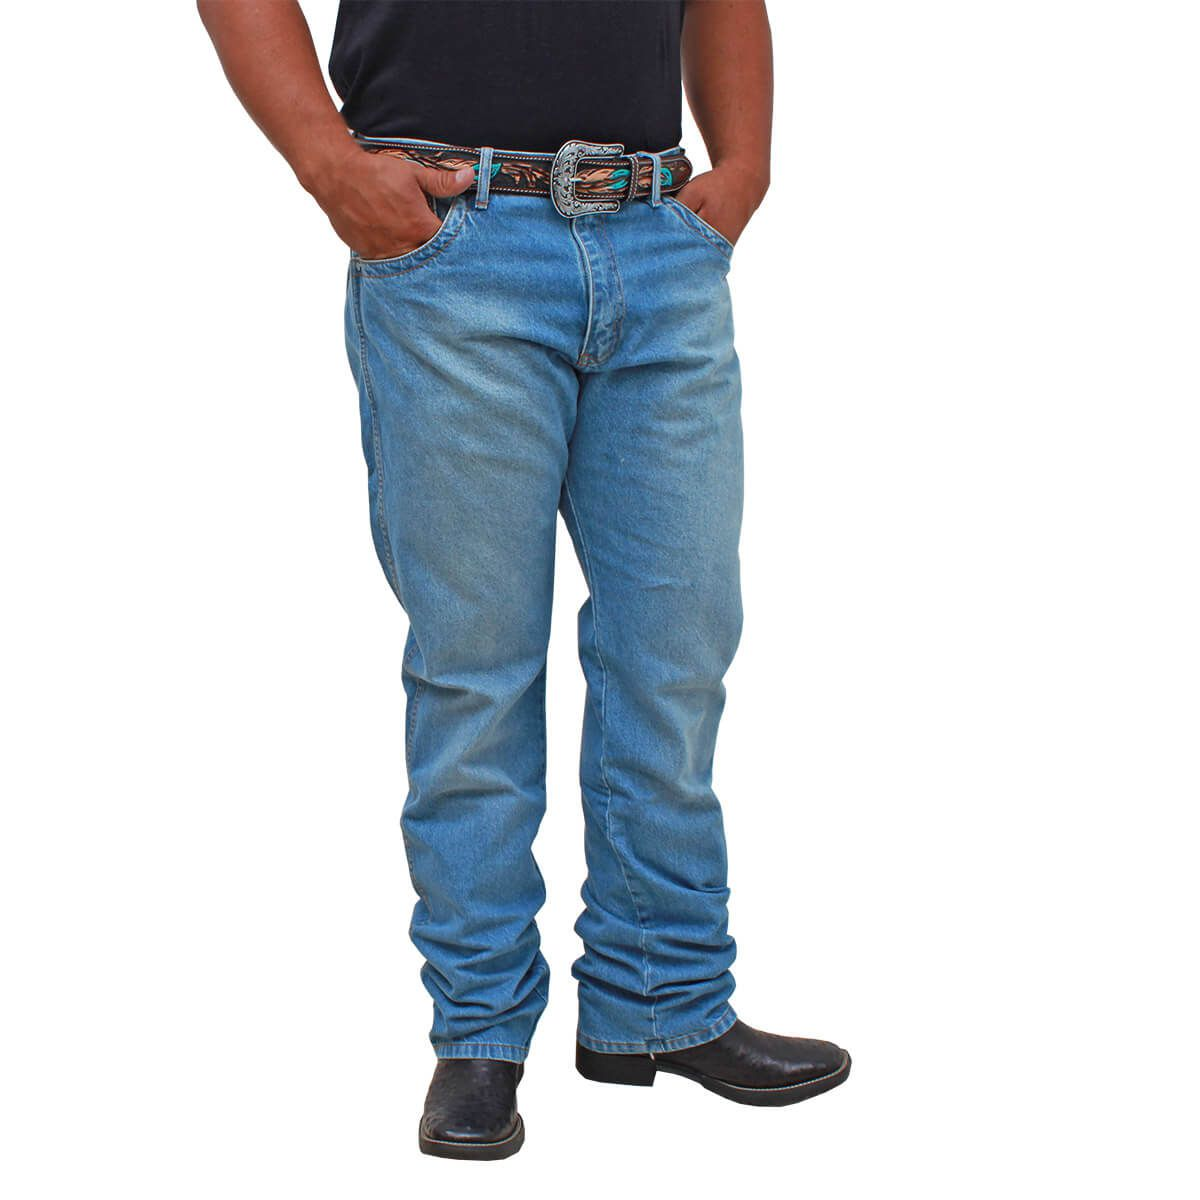 Calça Wrangler 20X Nacional Delave Elaxed Fashion